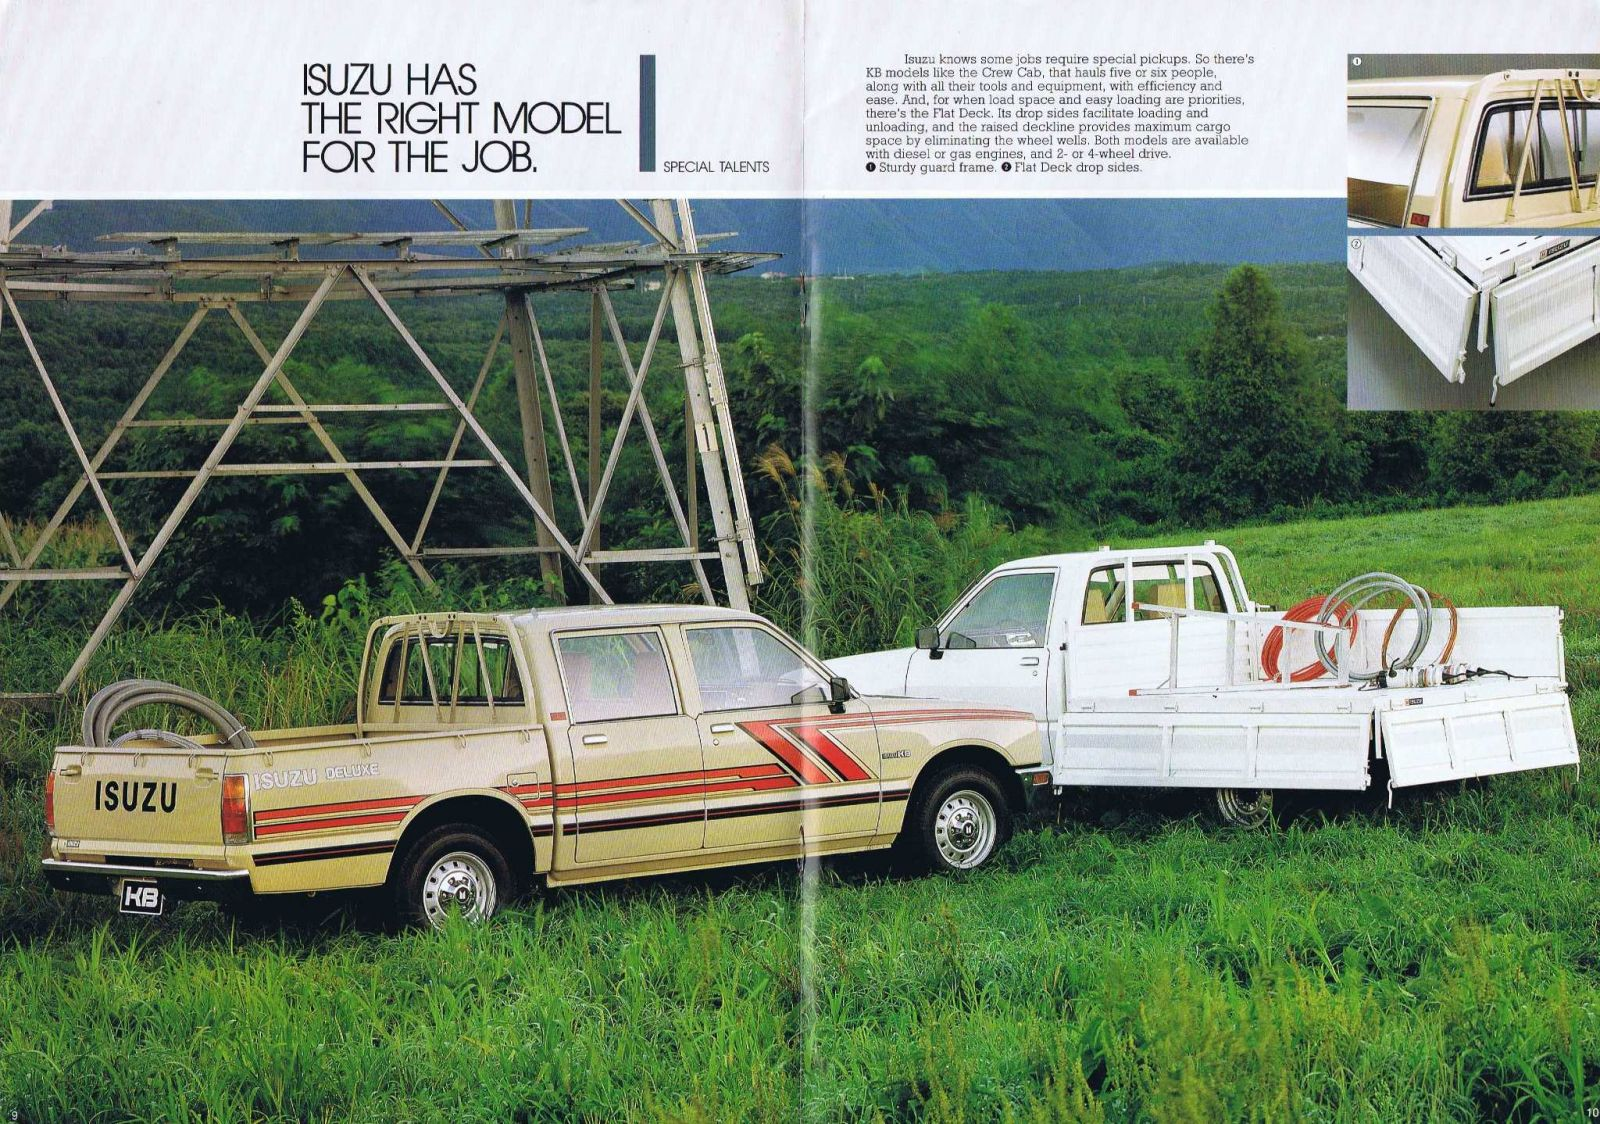 1987 Isuzu KBD Page 07.JPG